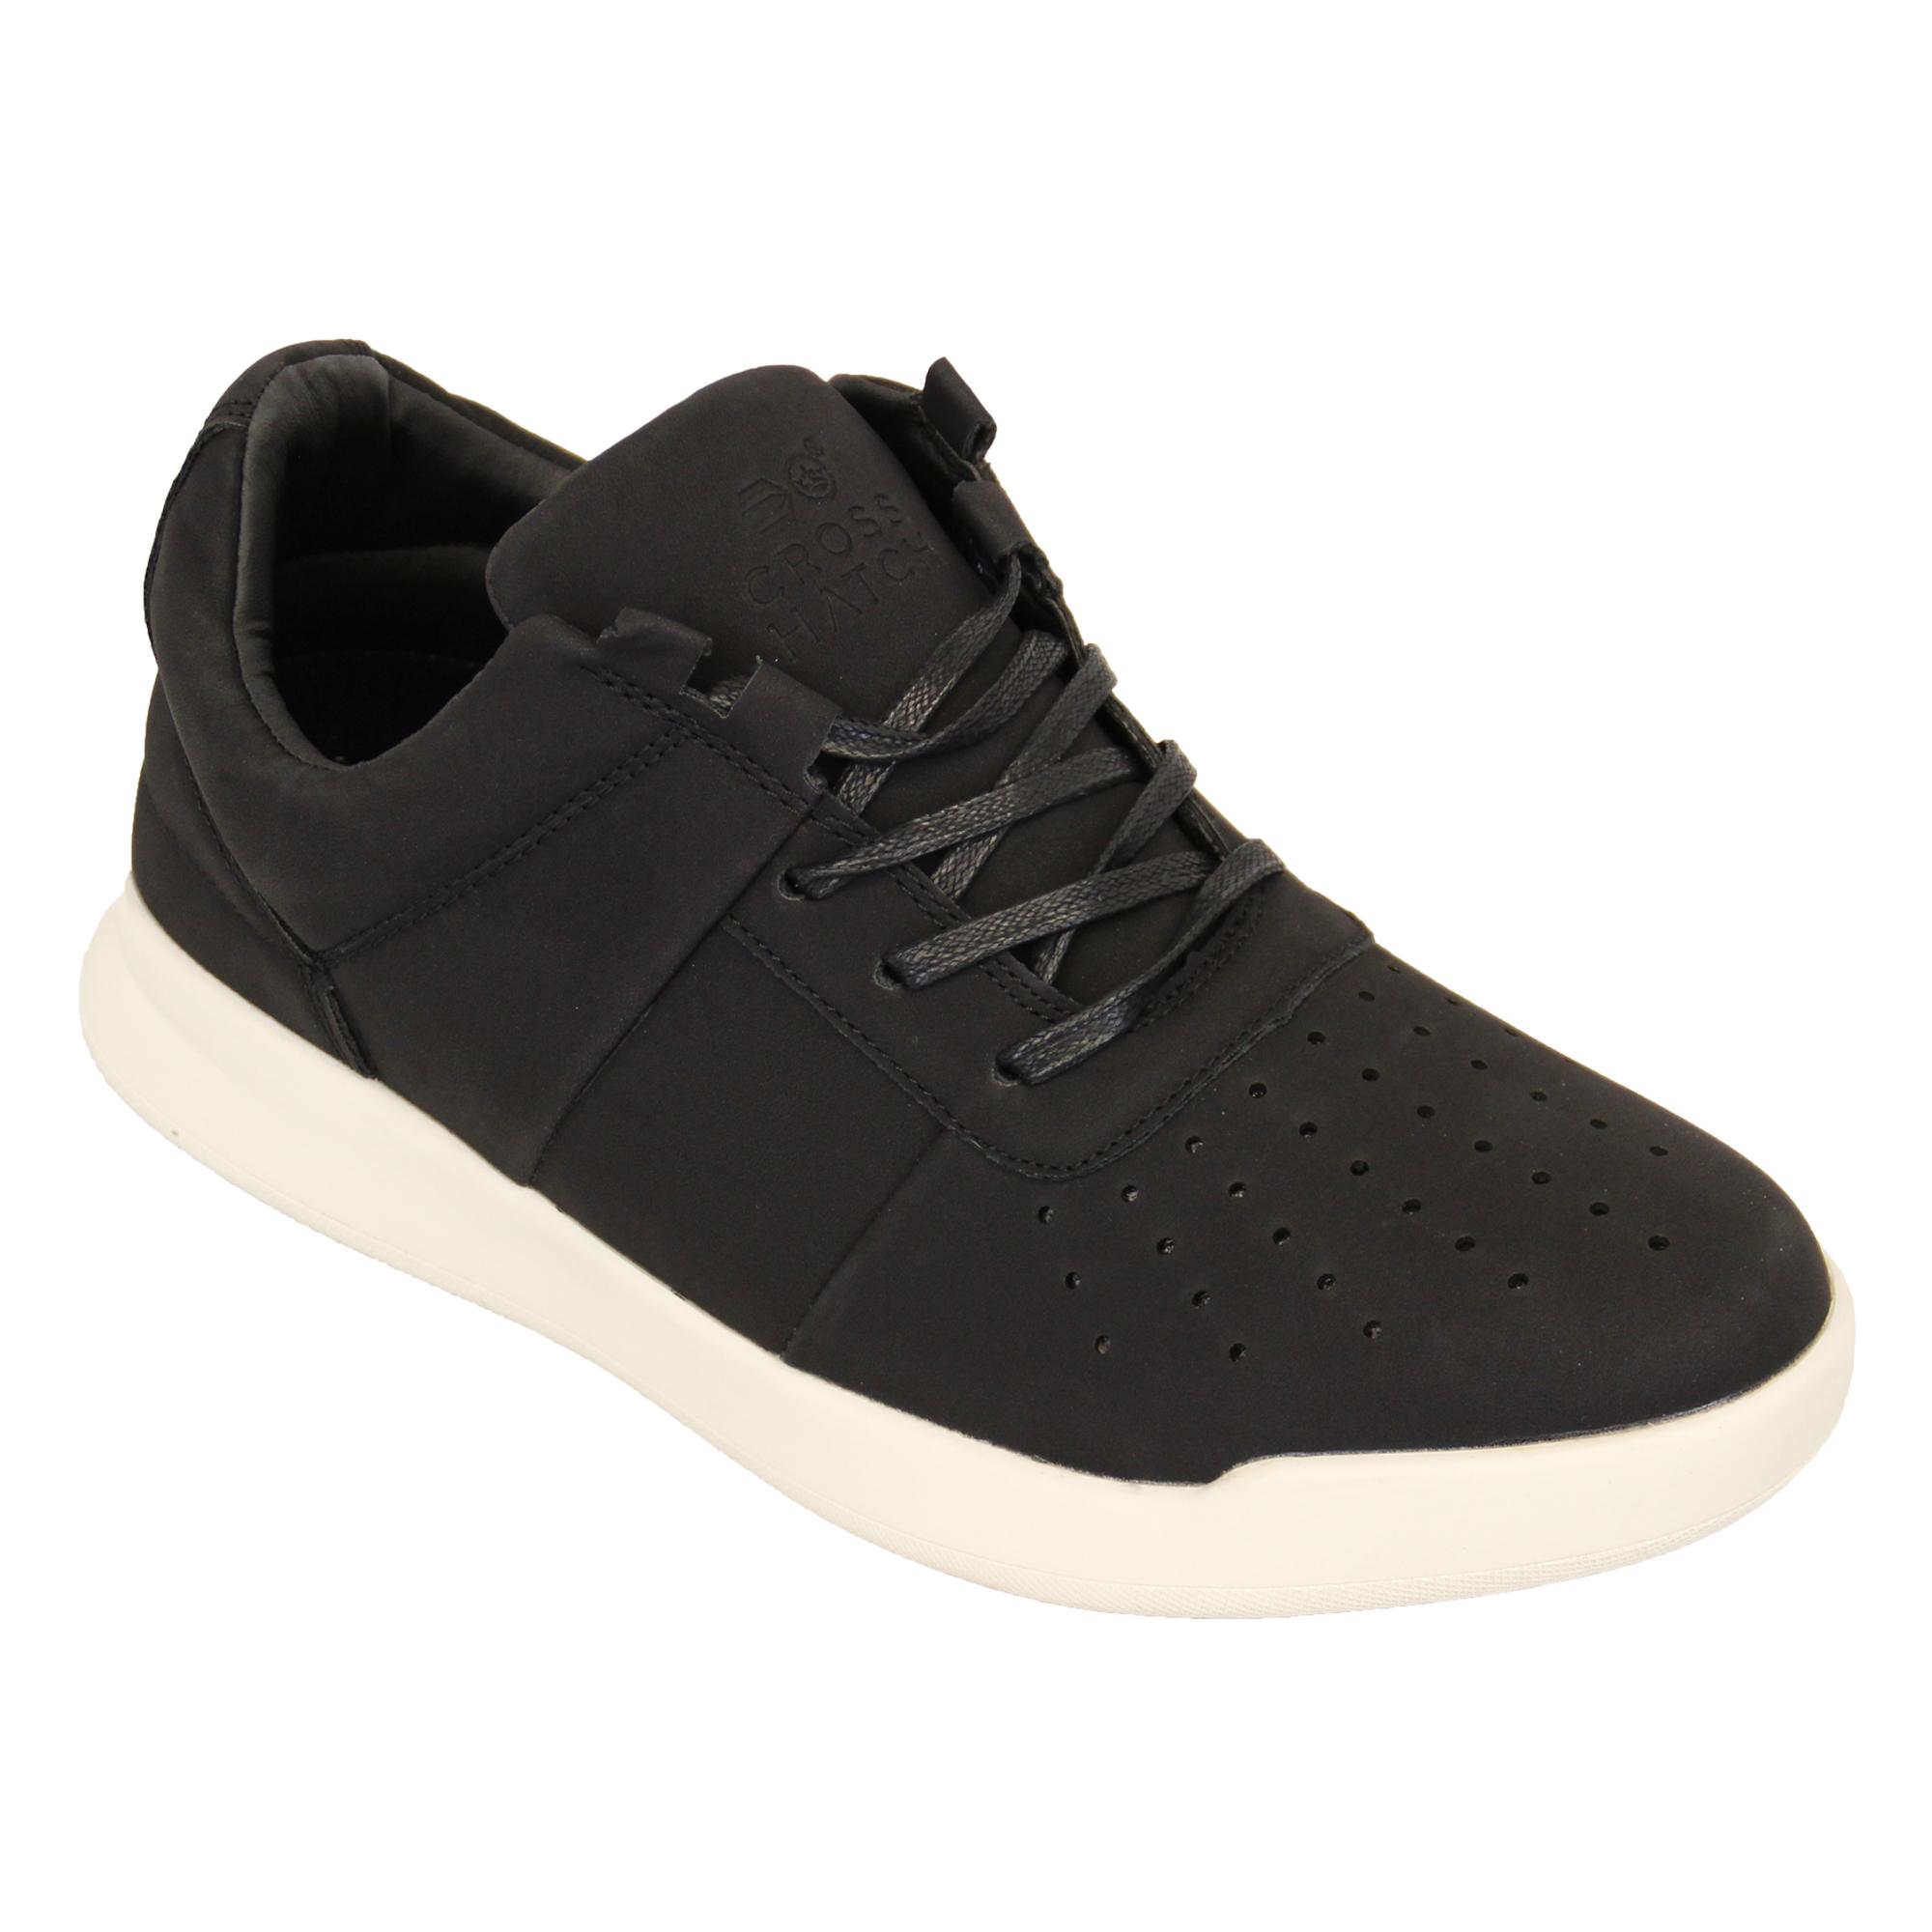 Orden Libre Del Envío Venta De Bajo Precio Sneakers casual nere con stringhe per uomo Crosshatch Venta Manchester Gran Venta bsMsbh4VOs